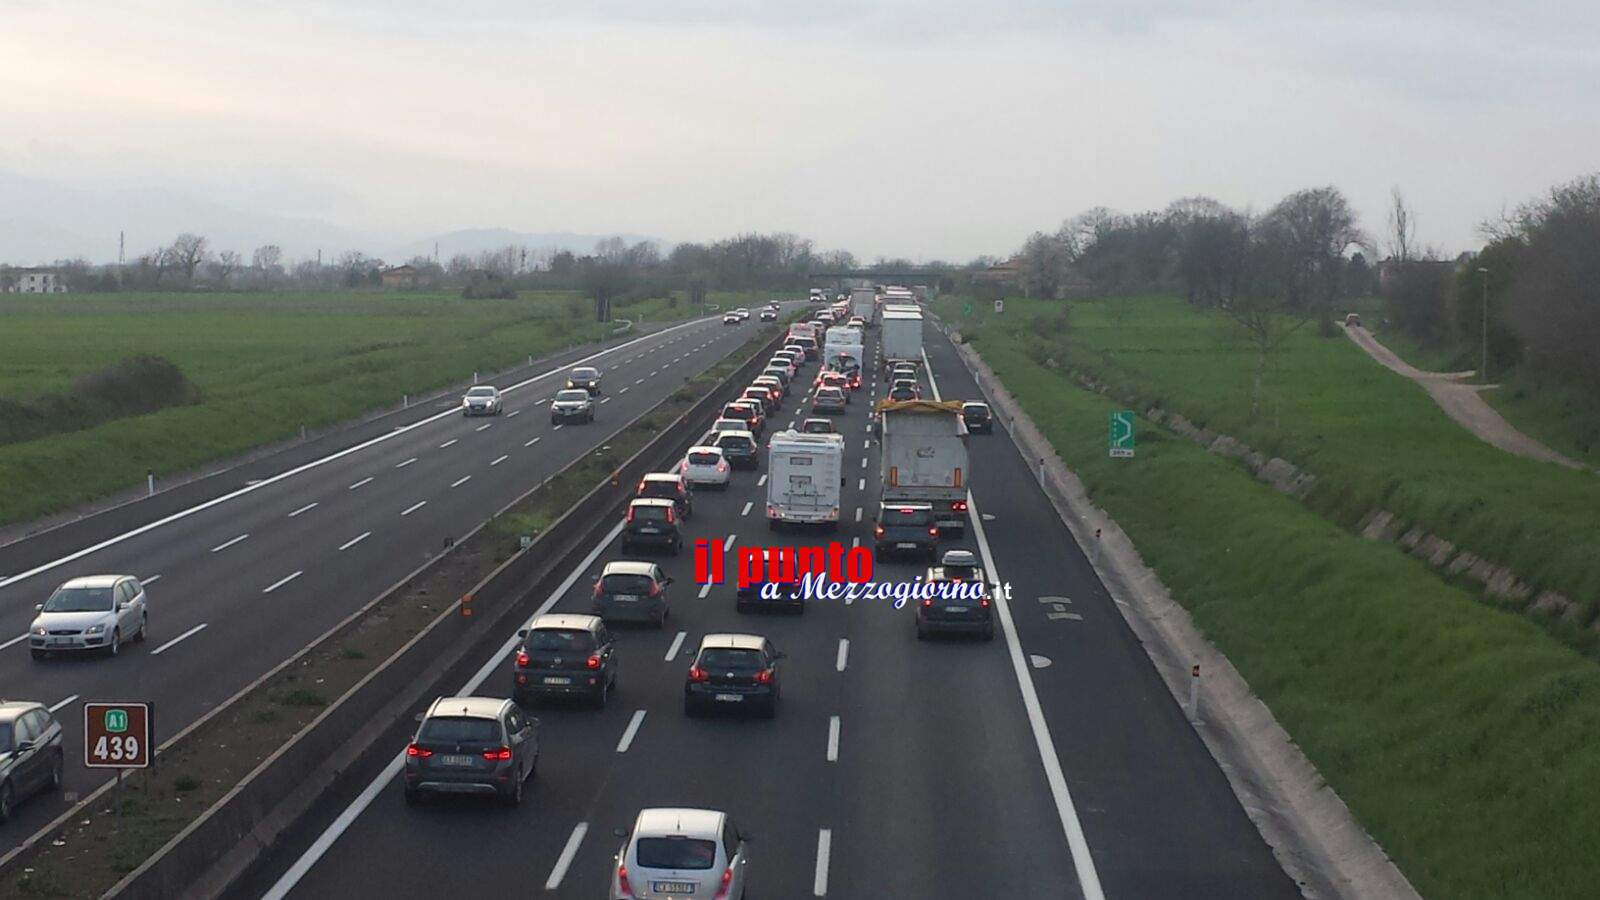 Tir si ribalta in A1, chiuso tratto tra Caserta Nord e Capua